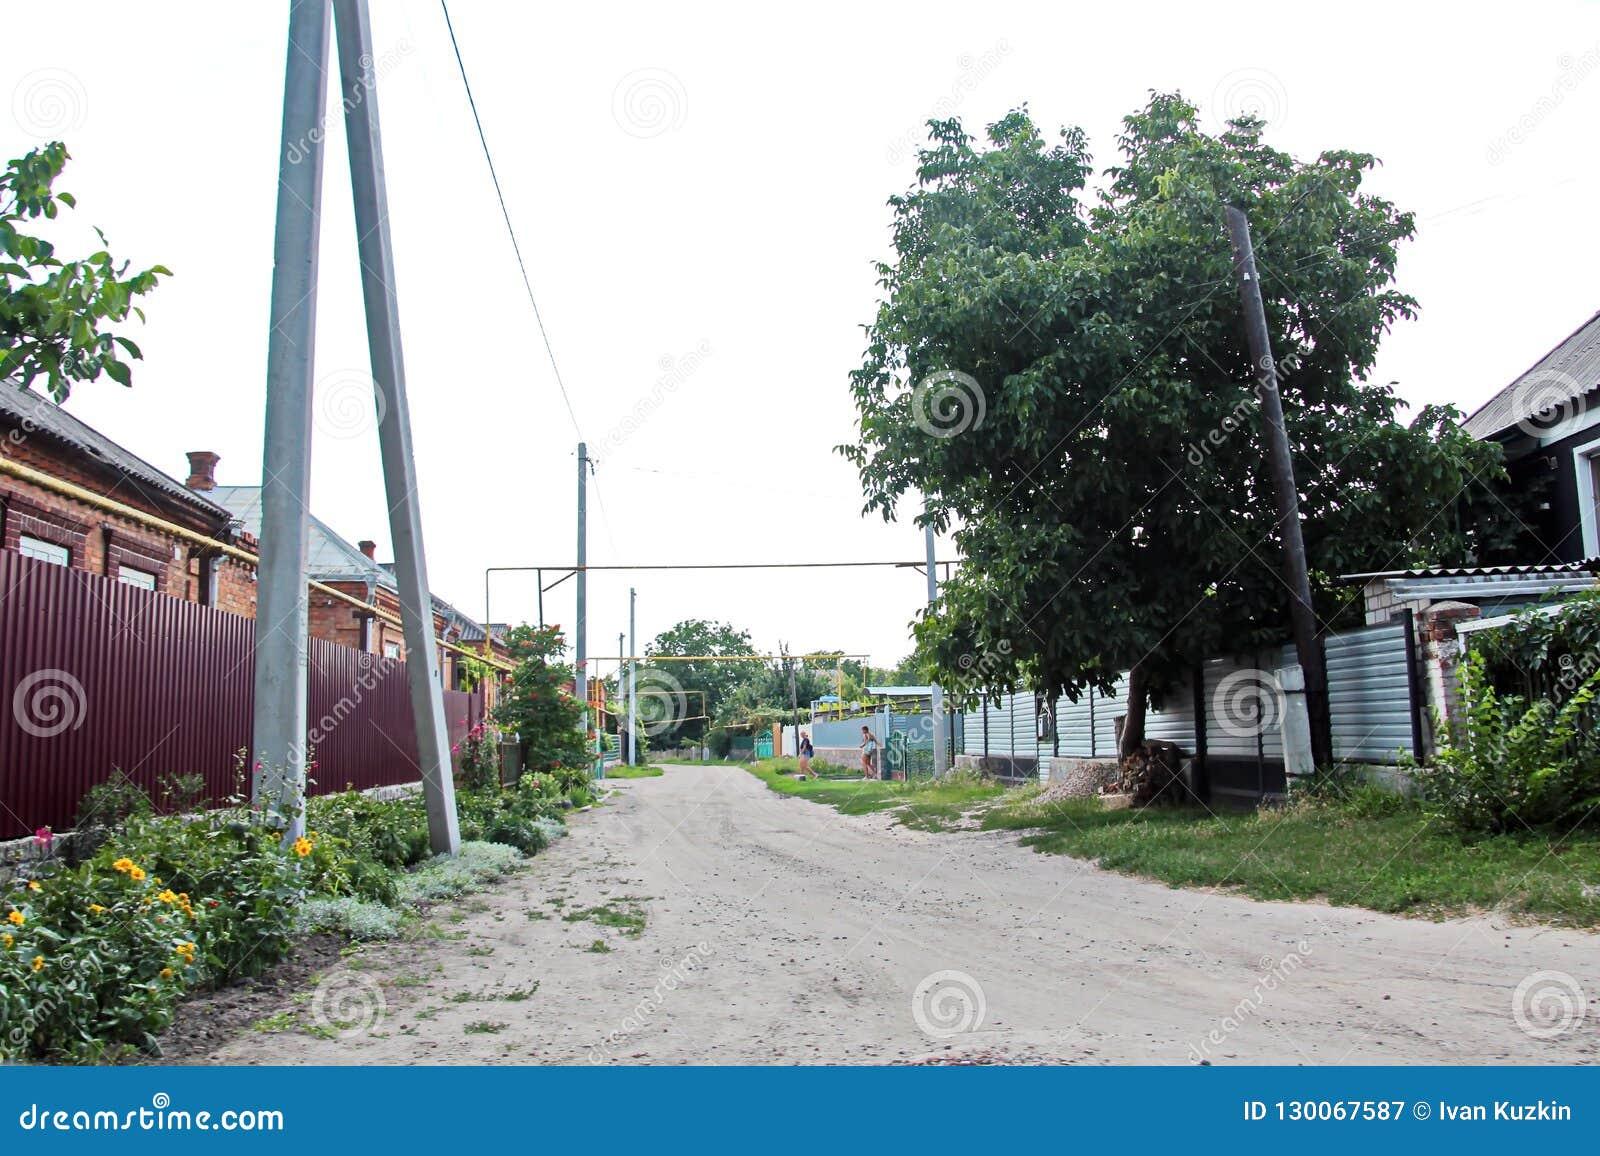 本质、领域、乌克兰的村庄和路风景视图  从车窗的看法,当驾驶时